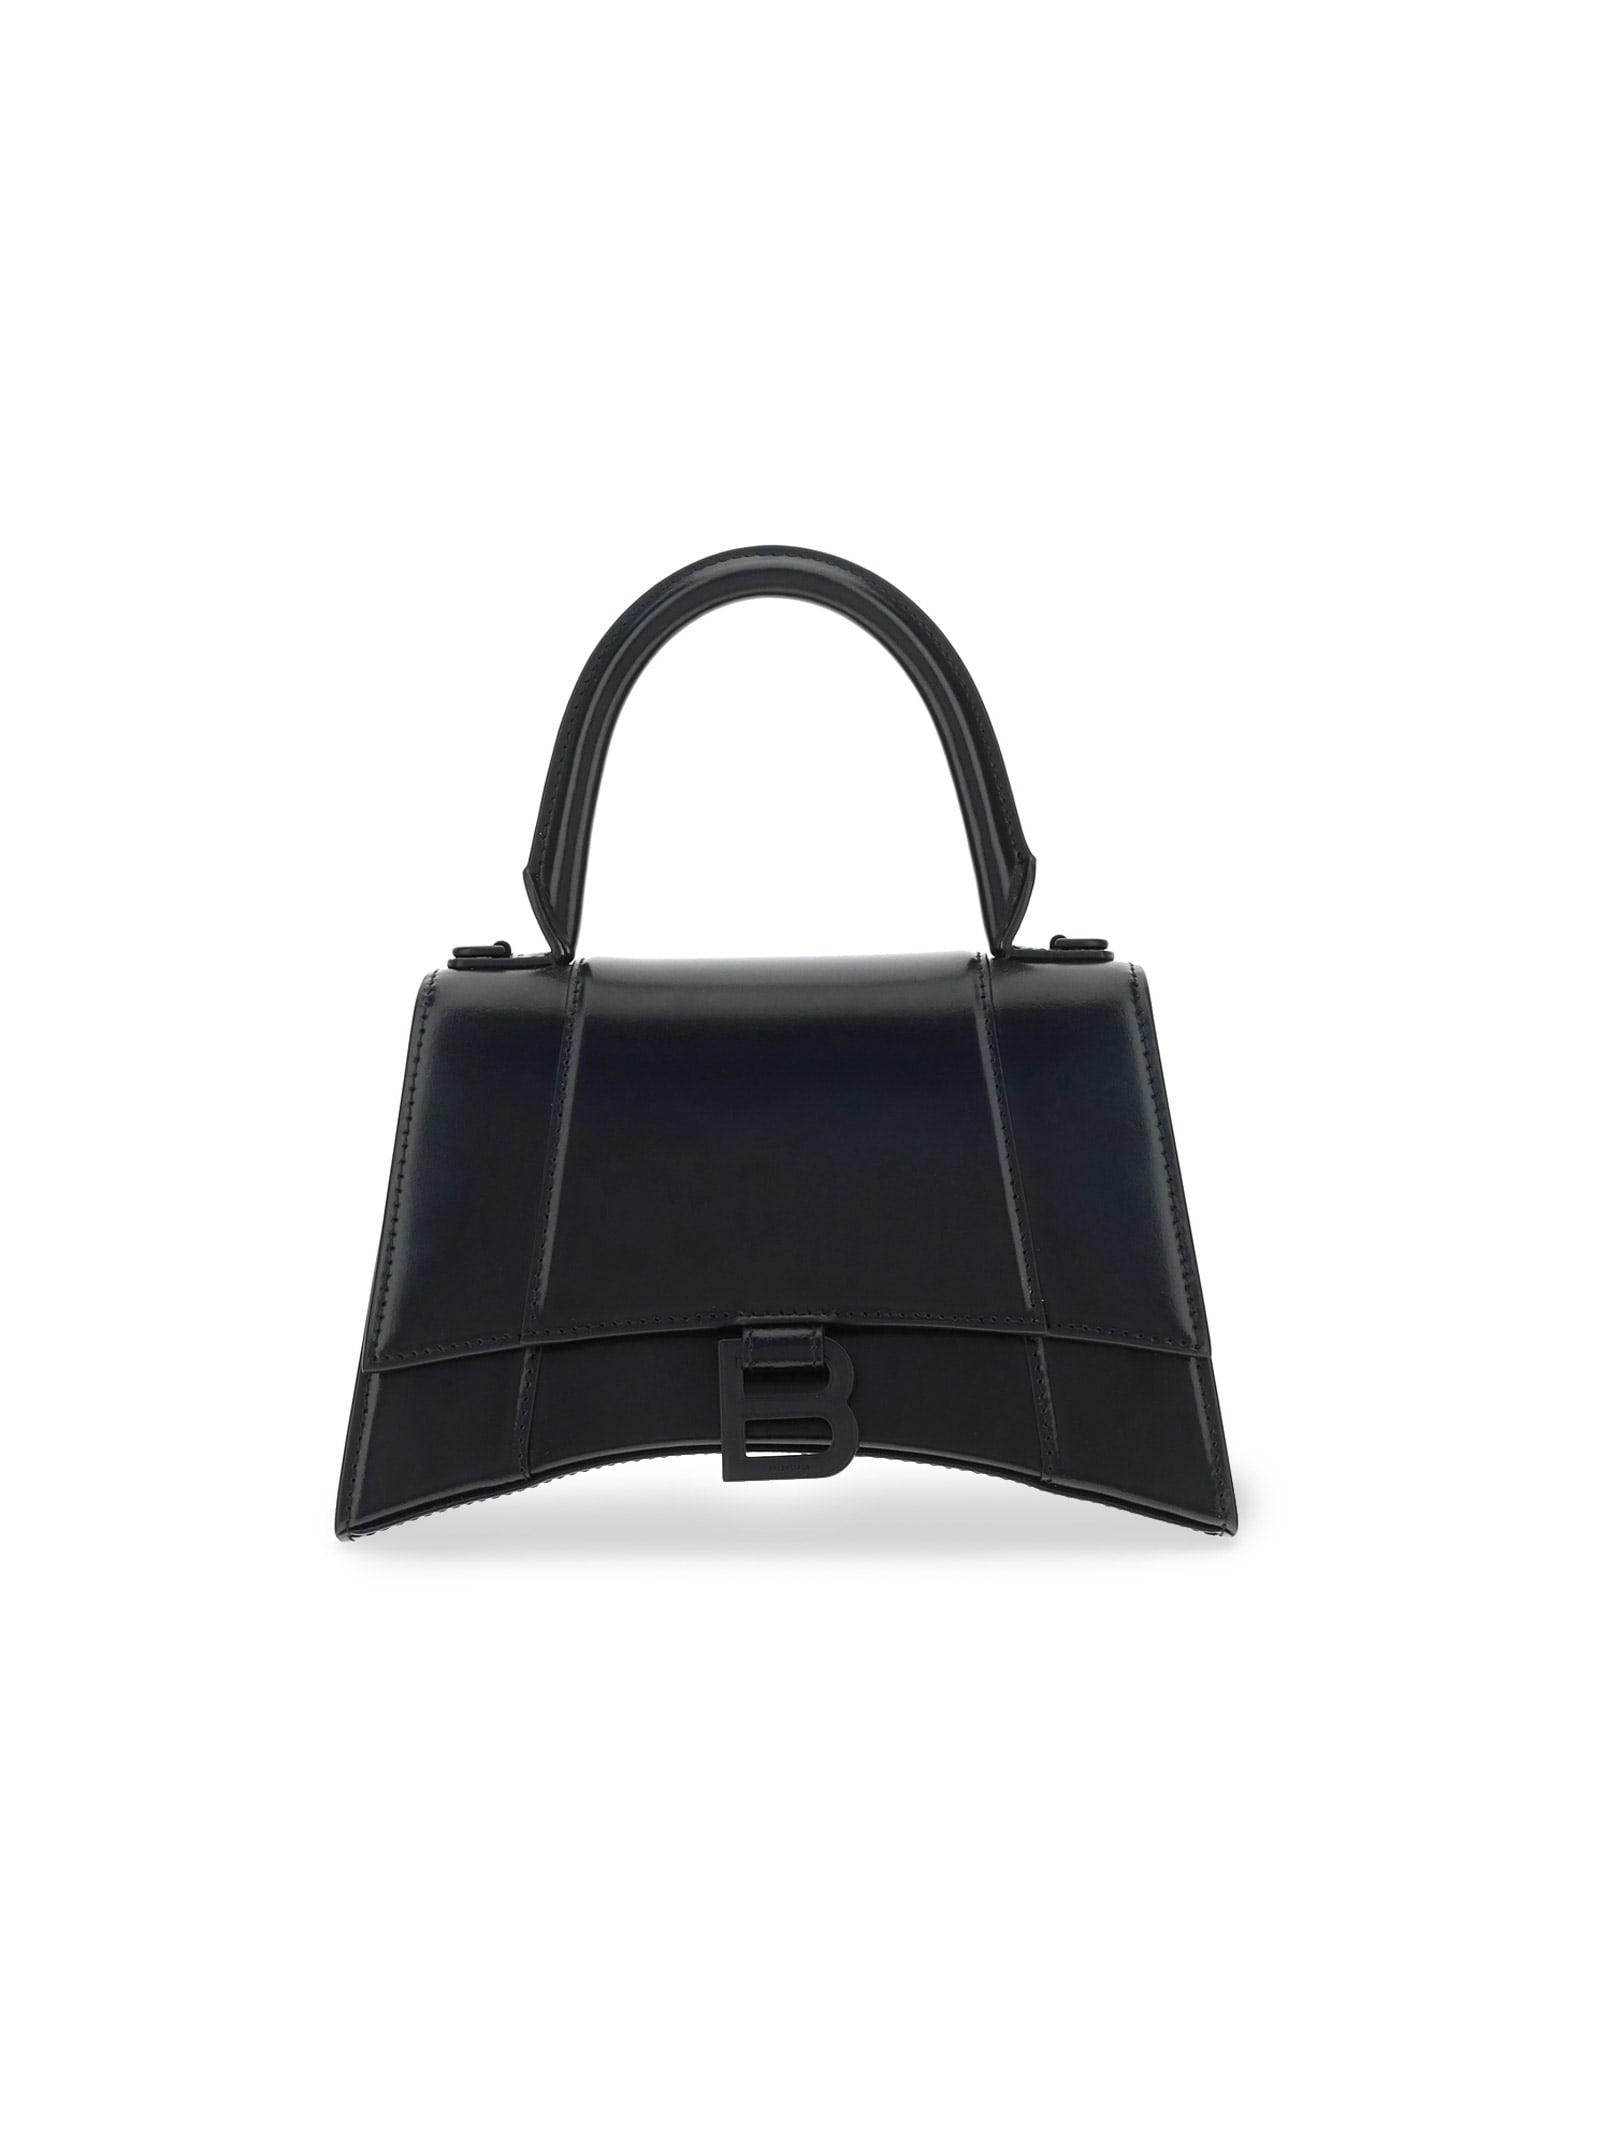 Balenciaga Handbags HANDBAG